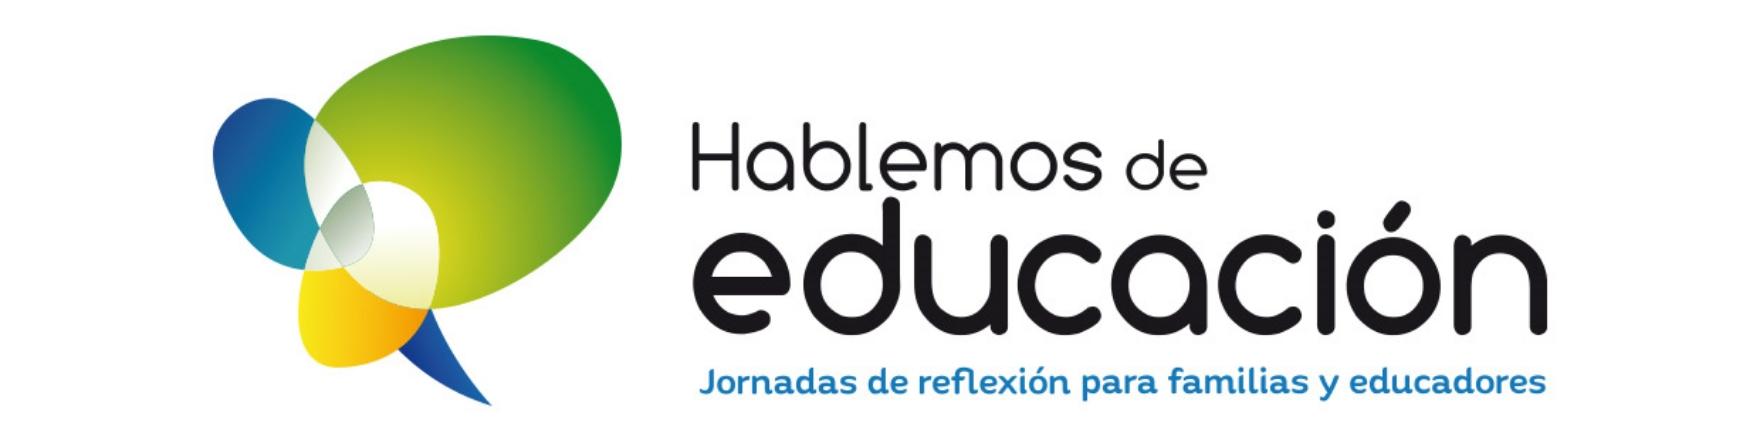 cabecera hablemos de educacion 2019